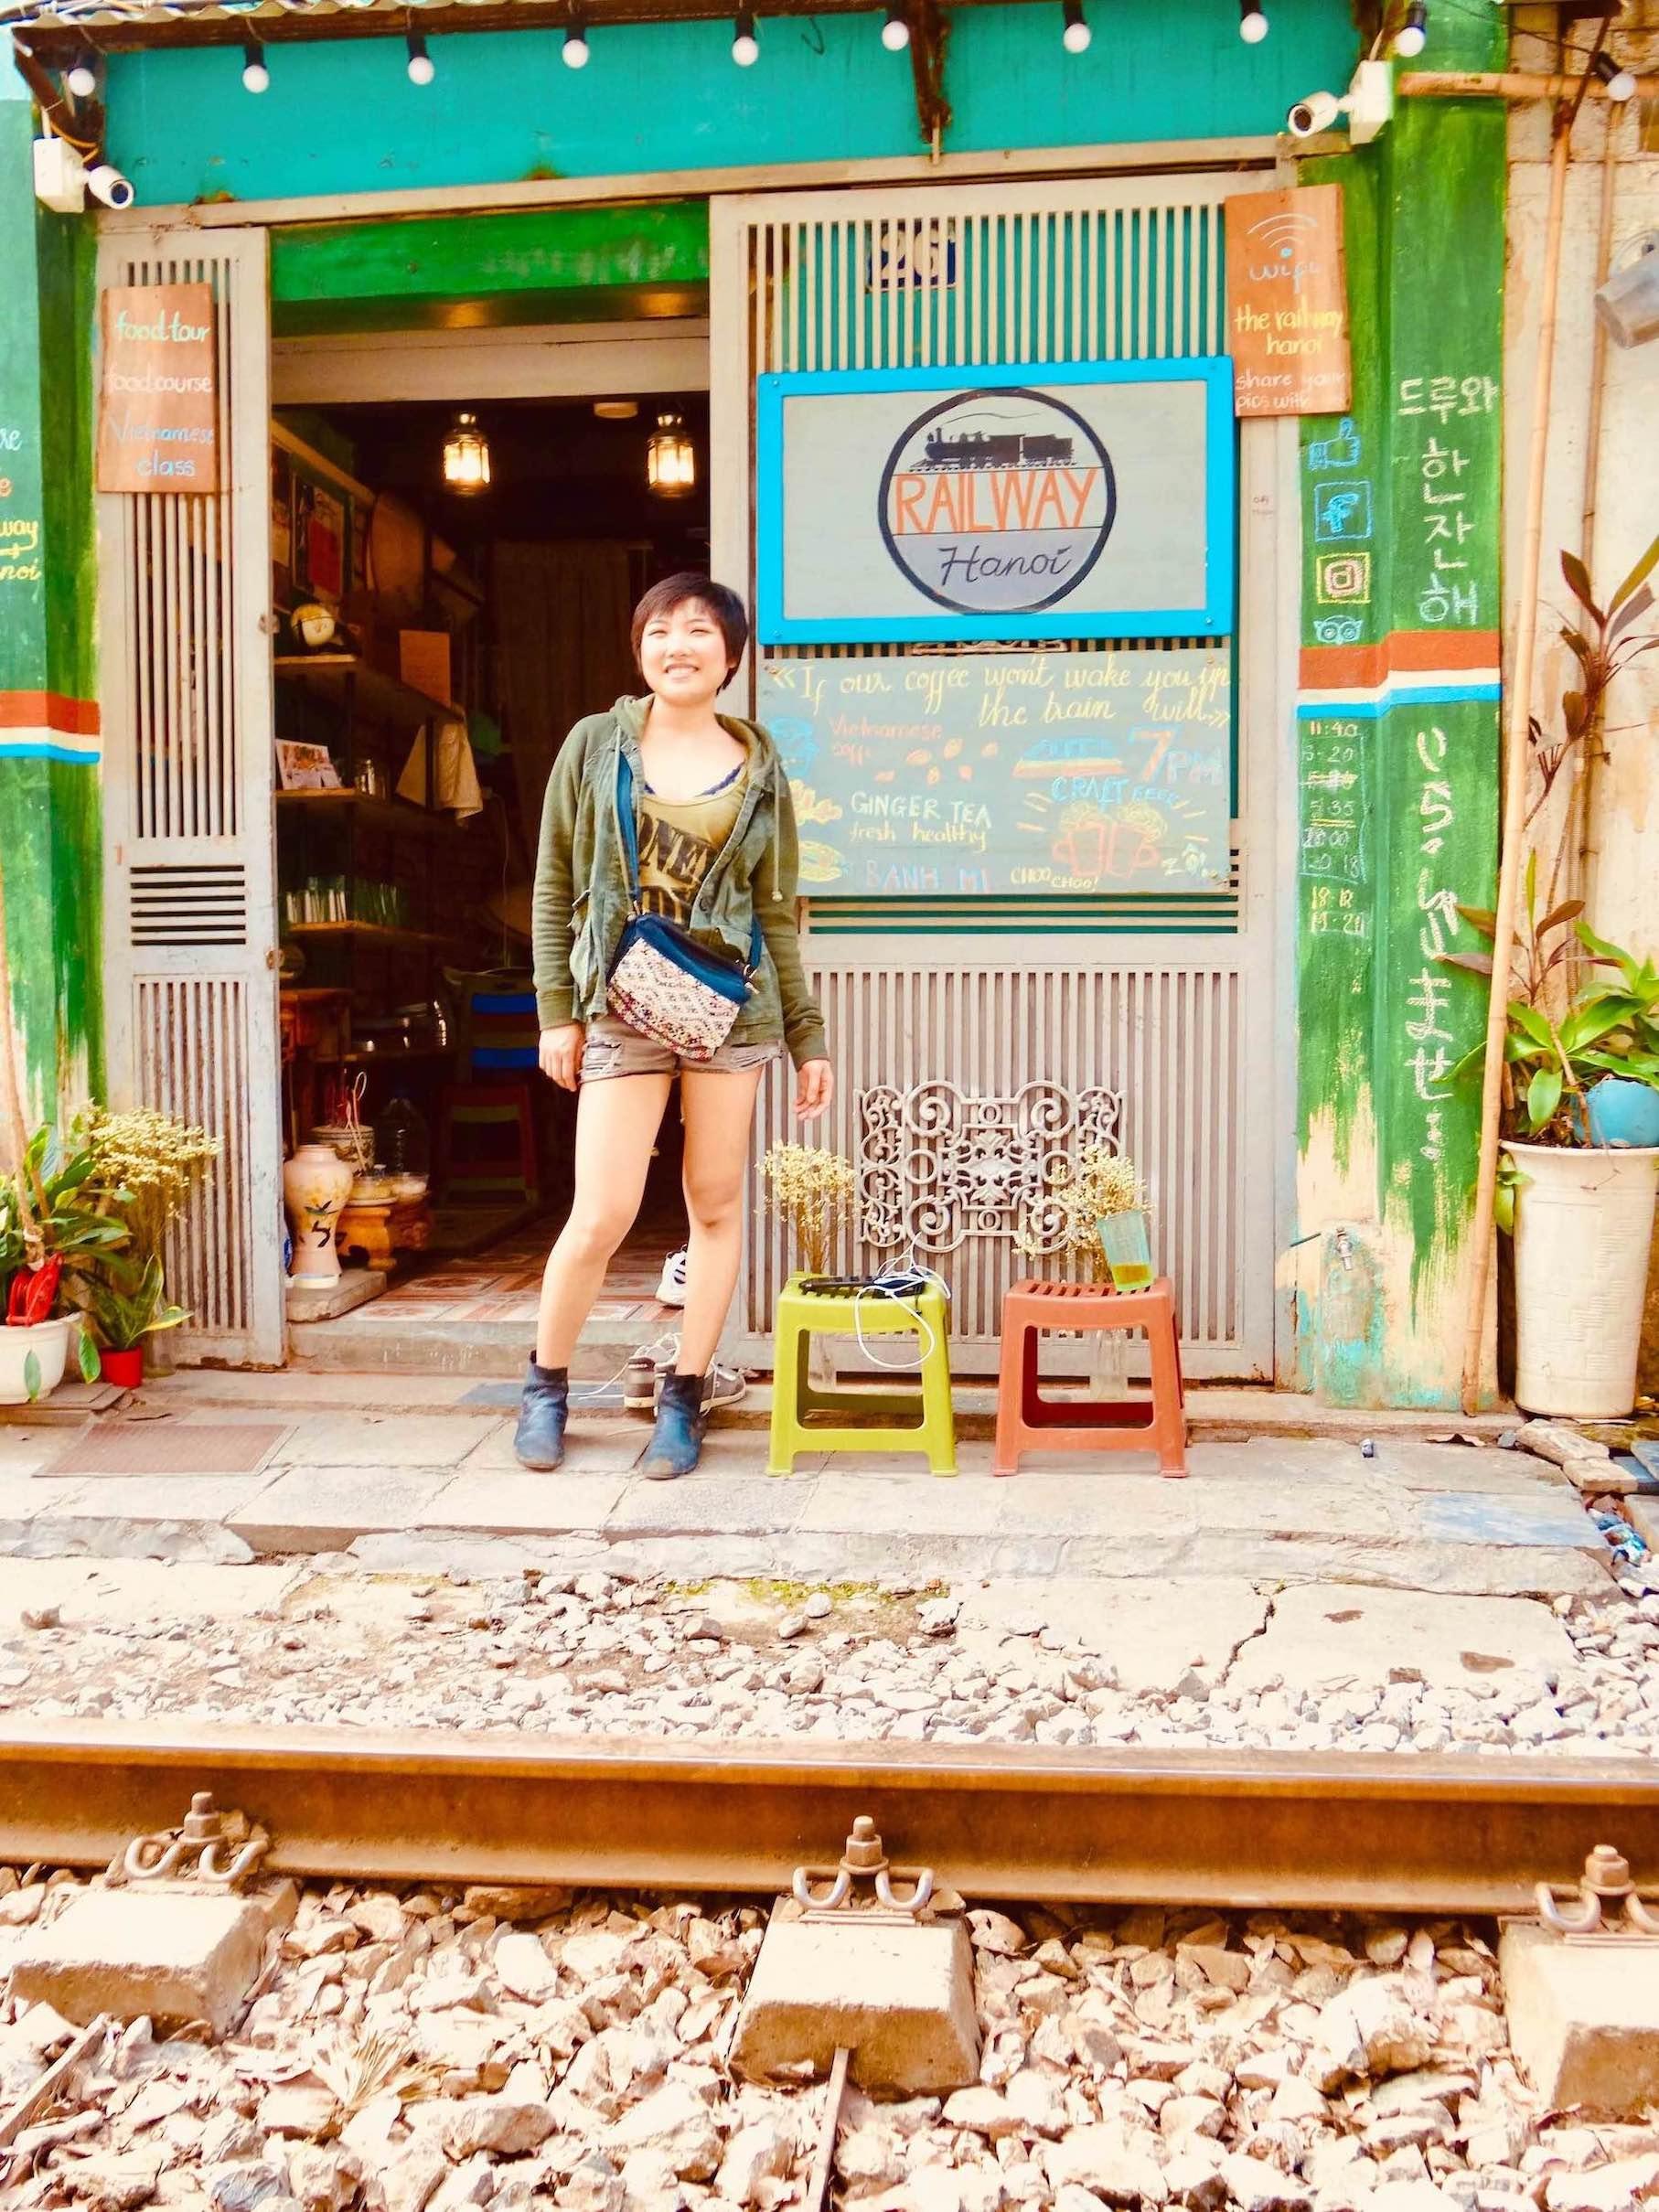 Thao Quach The Railway Cafe Hanoi.